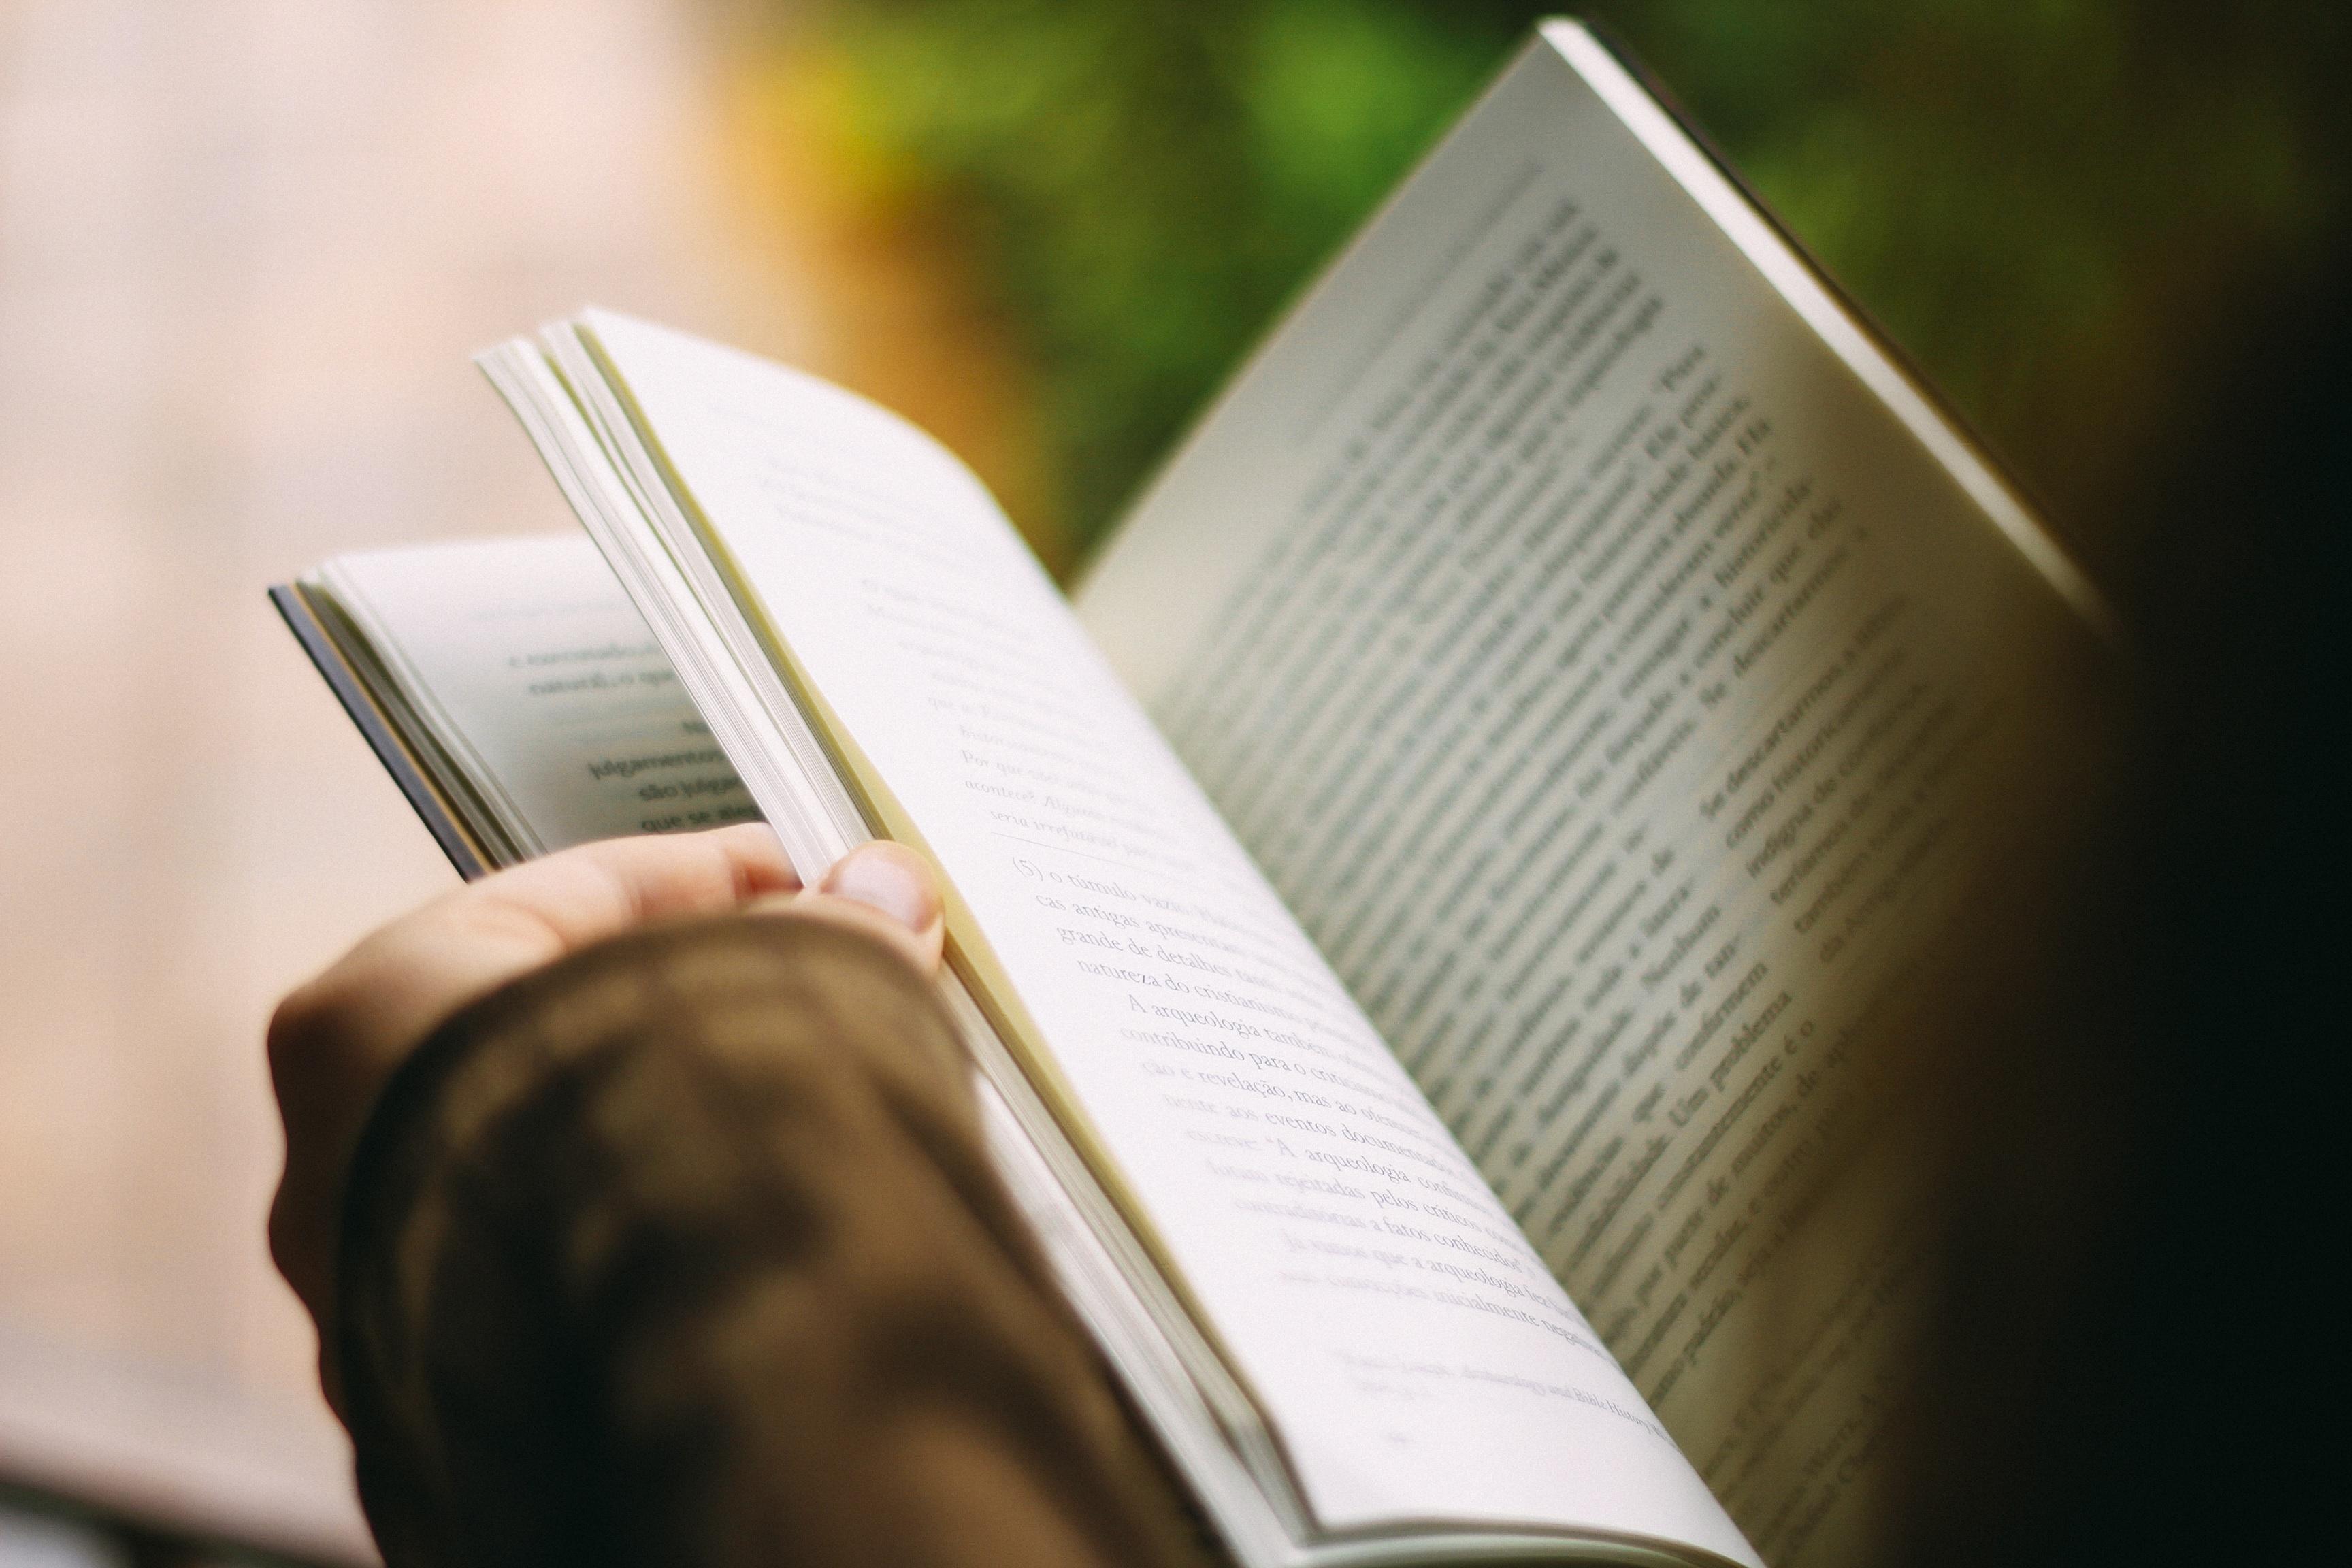 Close de pessoa segurando um livro. Imagem ilustrativa texto preço do livro.